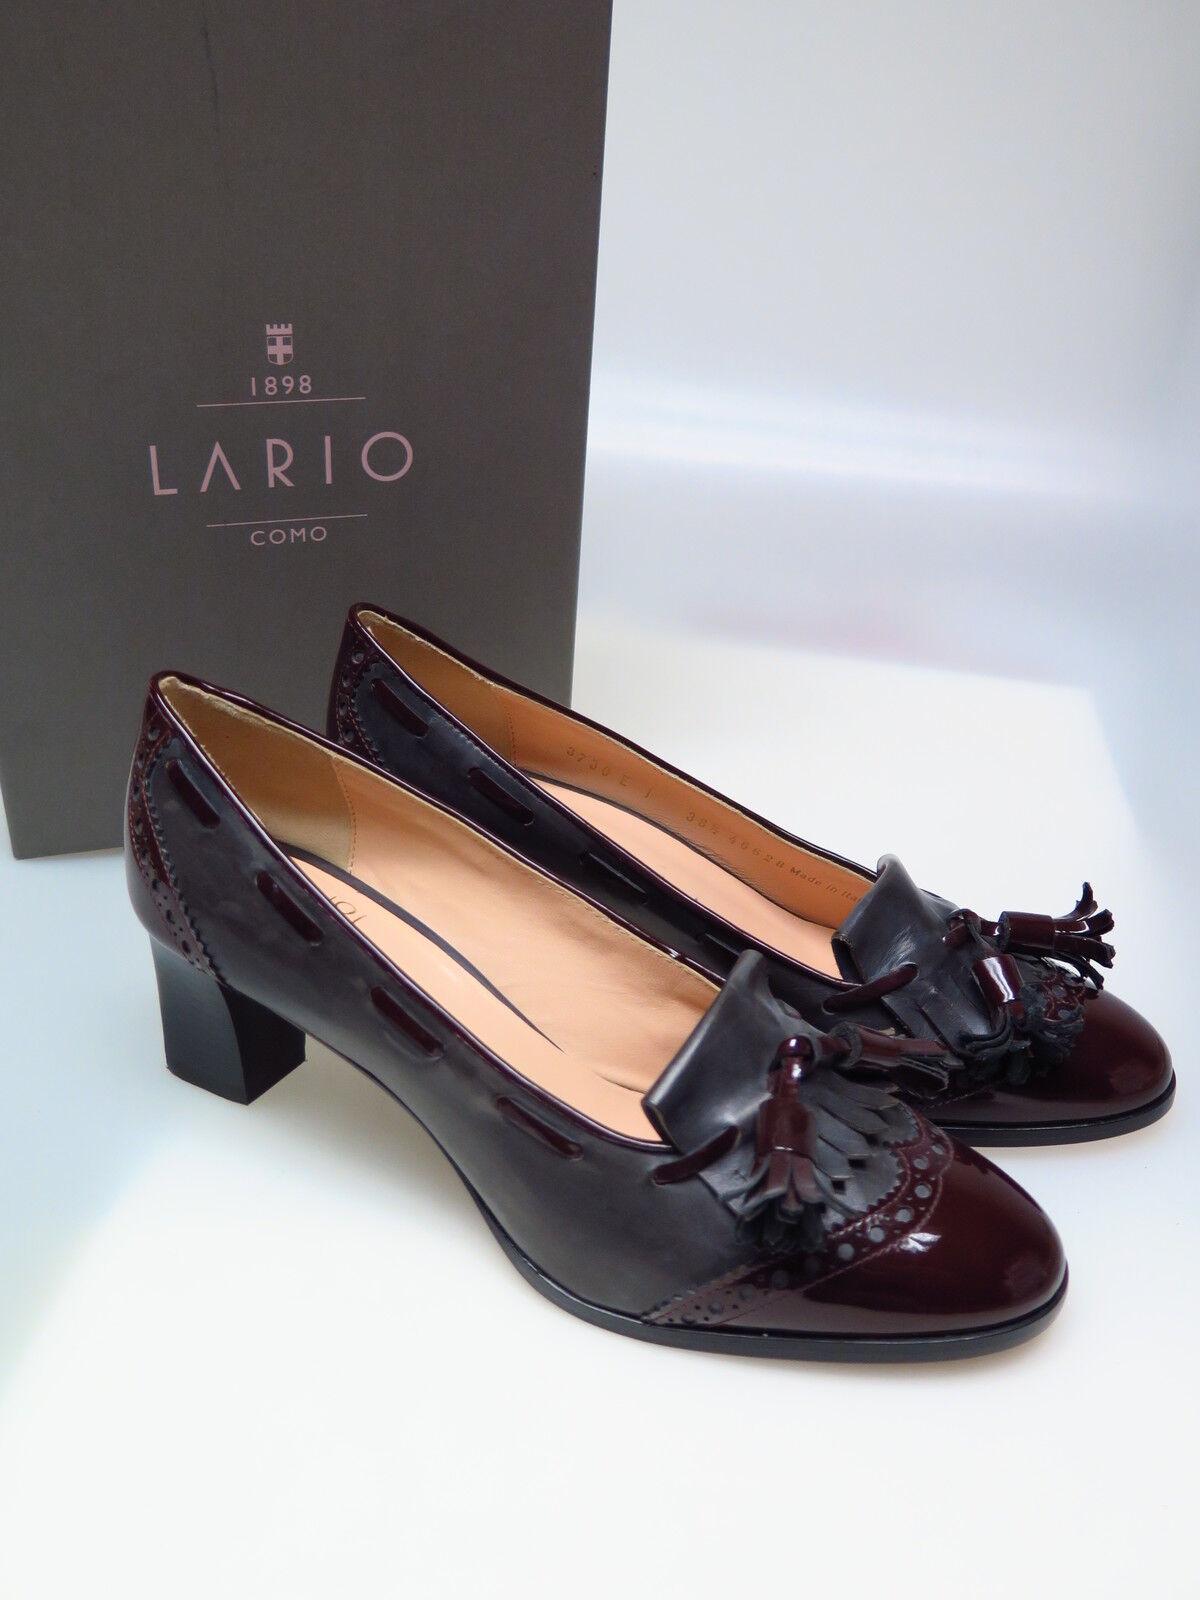 LARIO COMO 1898 Designer Damenschuhe LA B3730 Fee 2I Bordo 1940 Gr. 38,5 NEU